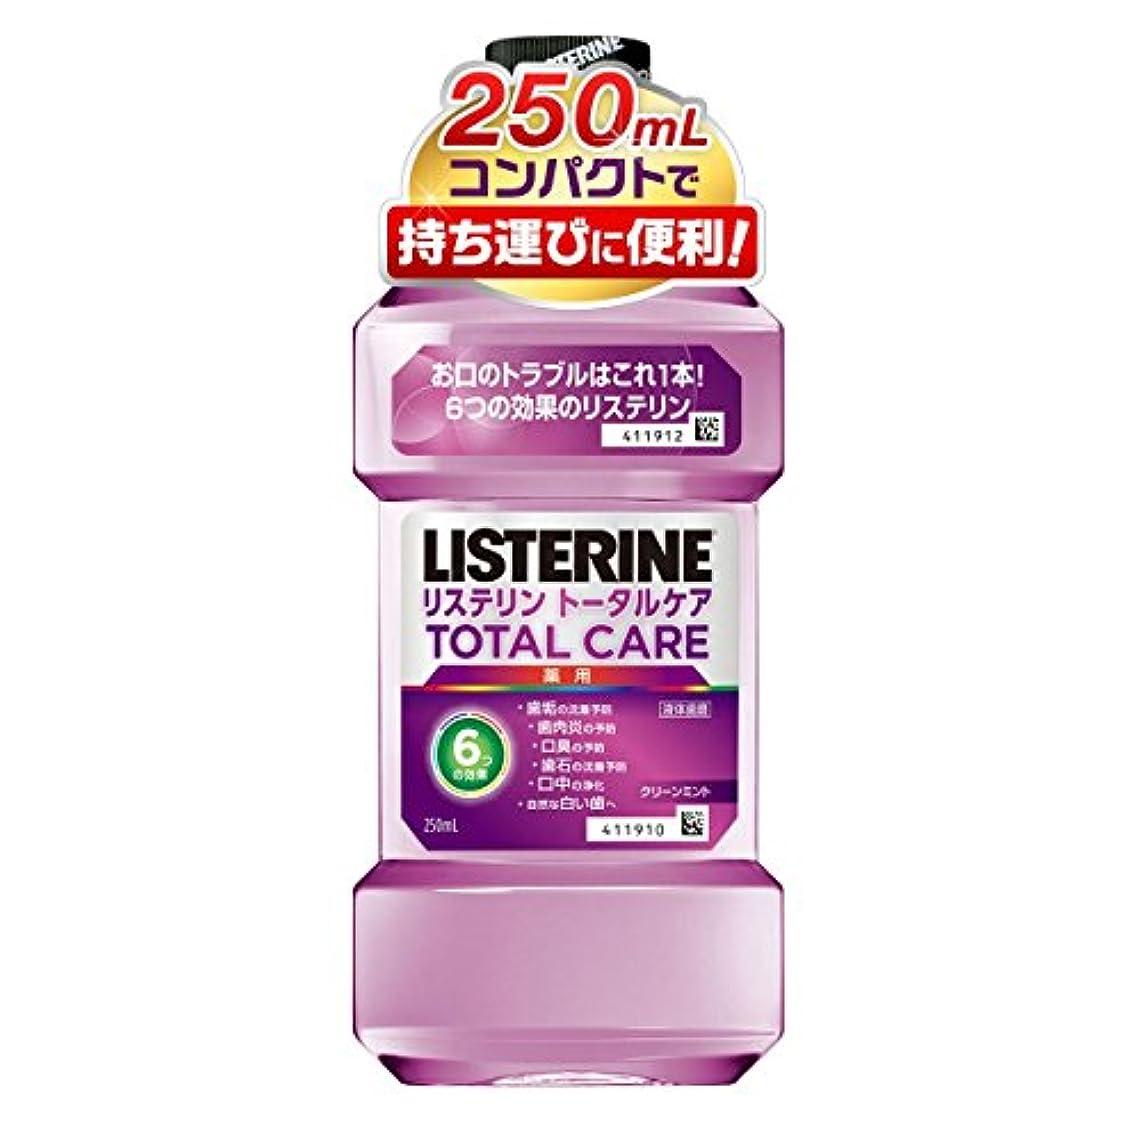 必要ホステルちなみに[医薬部外品] 薬用 リステリン マウスウォッシュ トータルケア 250mL【持ち運びサイズ】